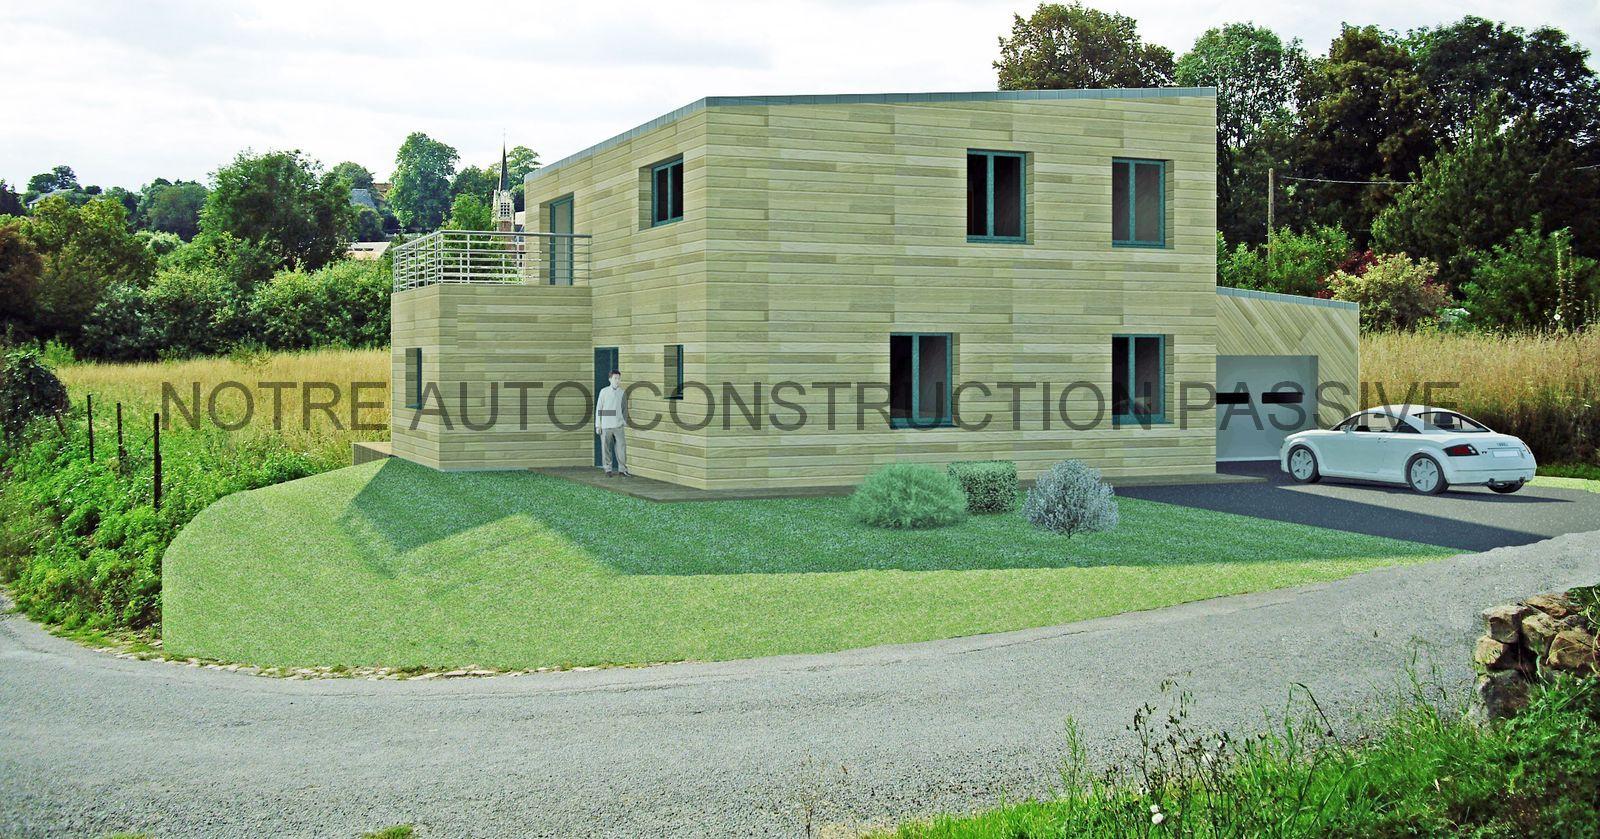 souvent autoconstruction maison passive aj32 humatraffin. Black Bedroom Furniture Sets. Home Design Ideas